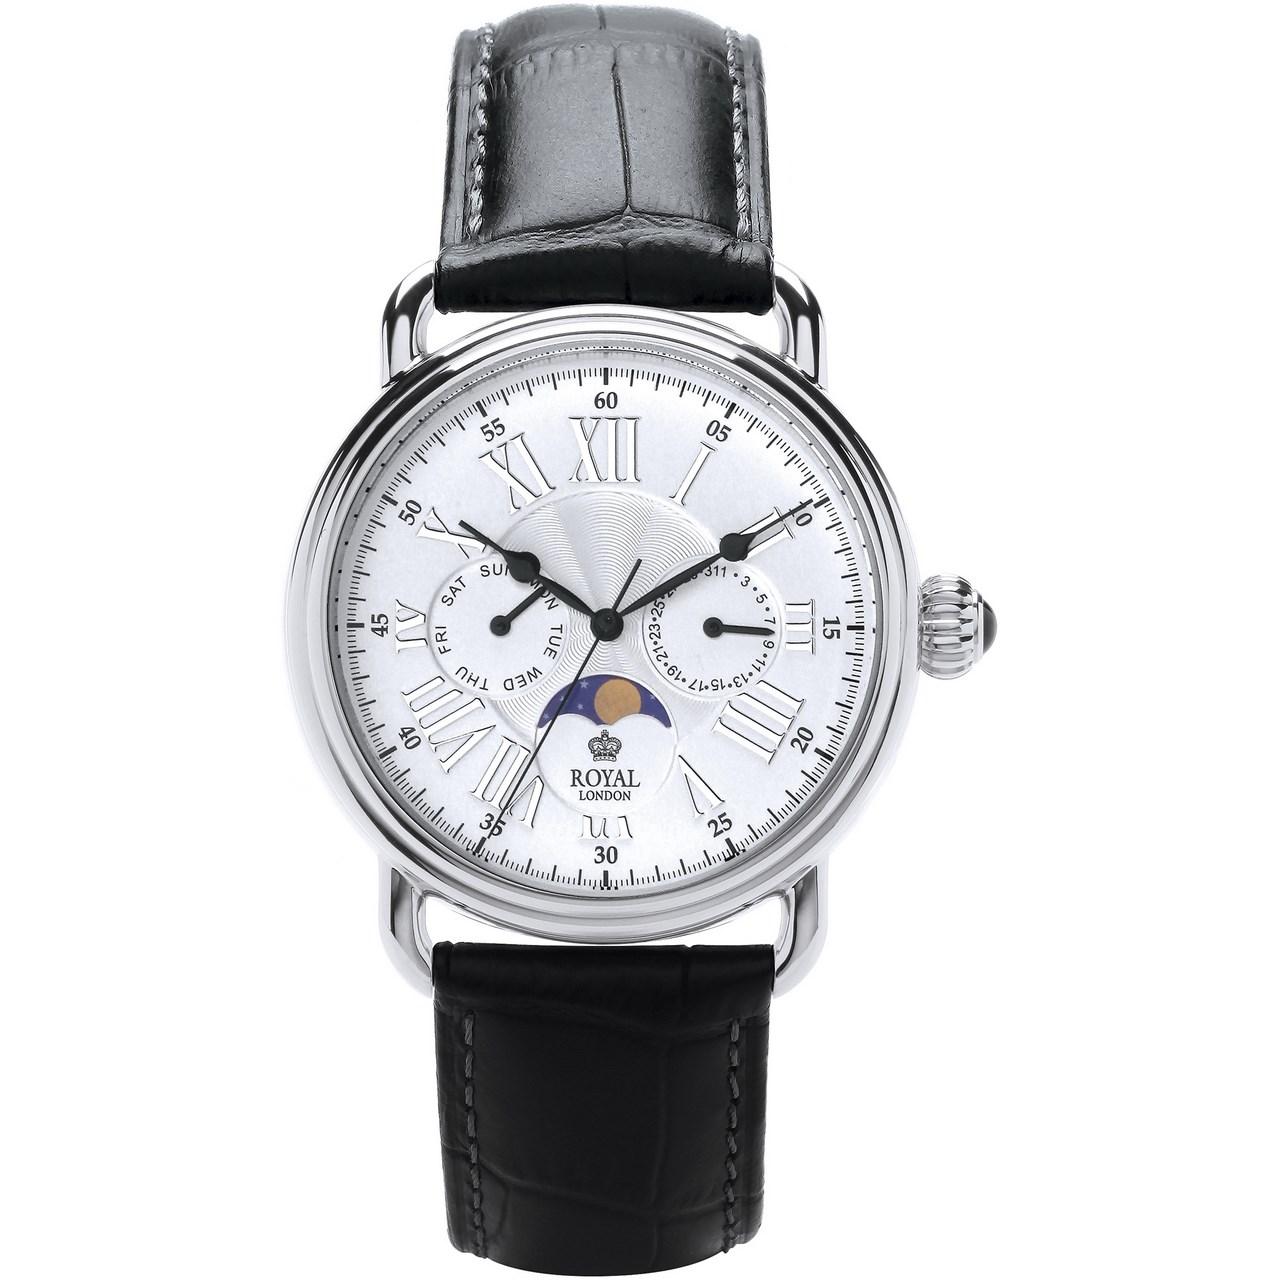 ساعت مچی عقربه ای مردانه رویال لندن مدل RL-41250-02